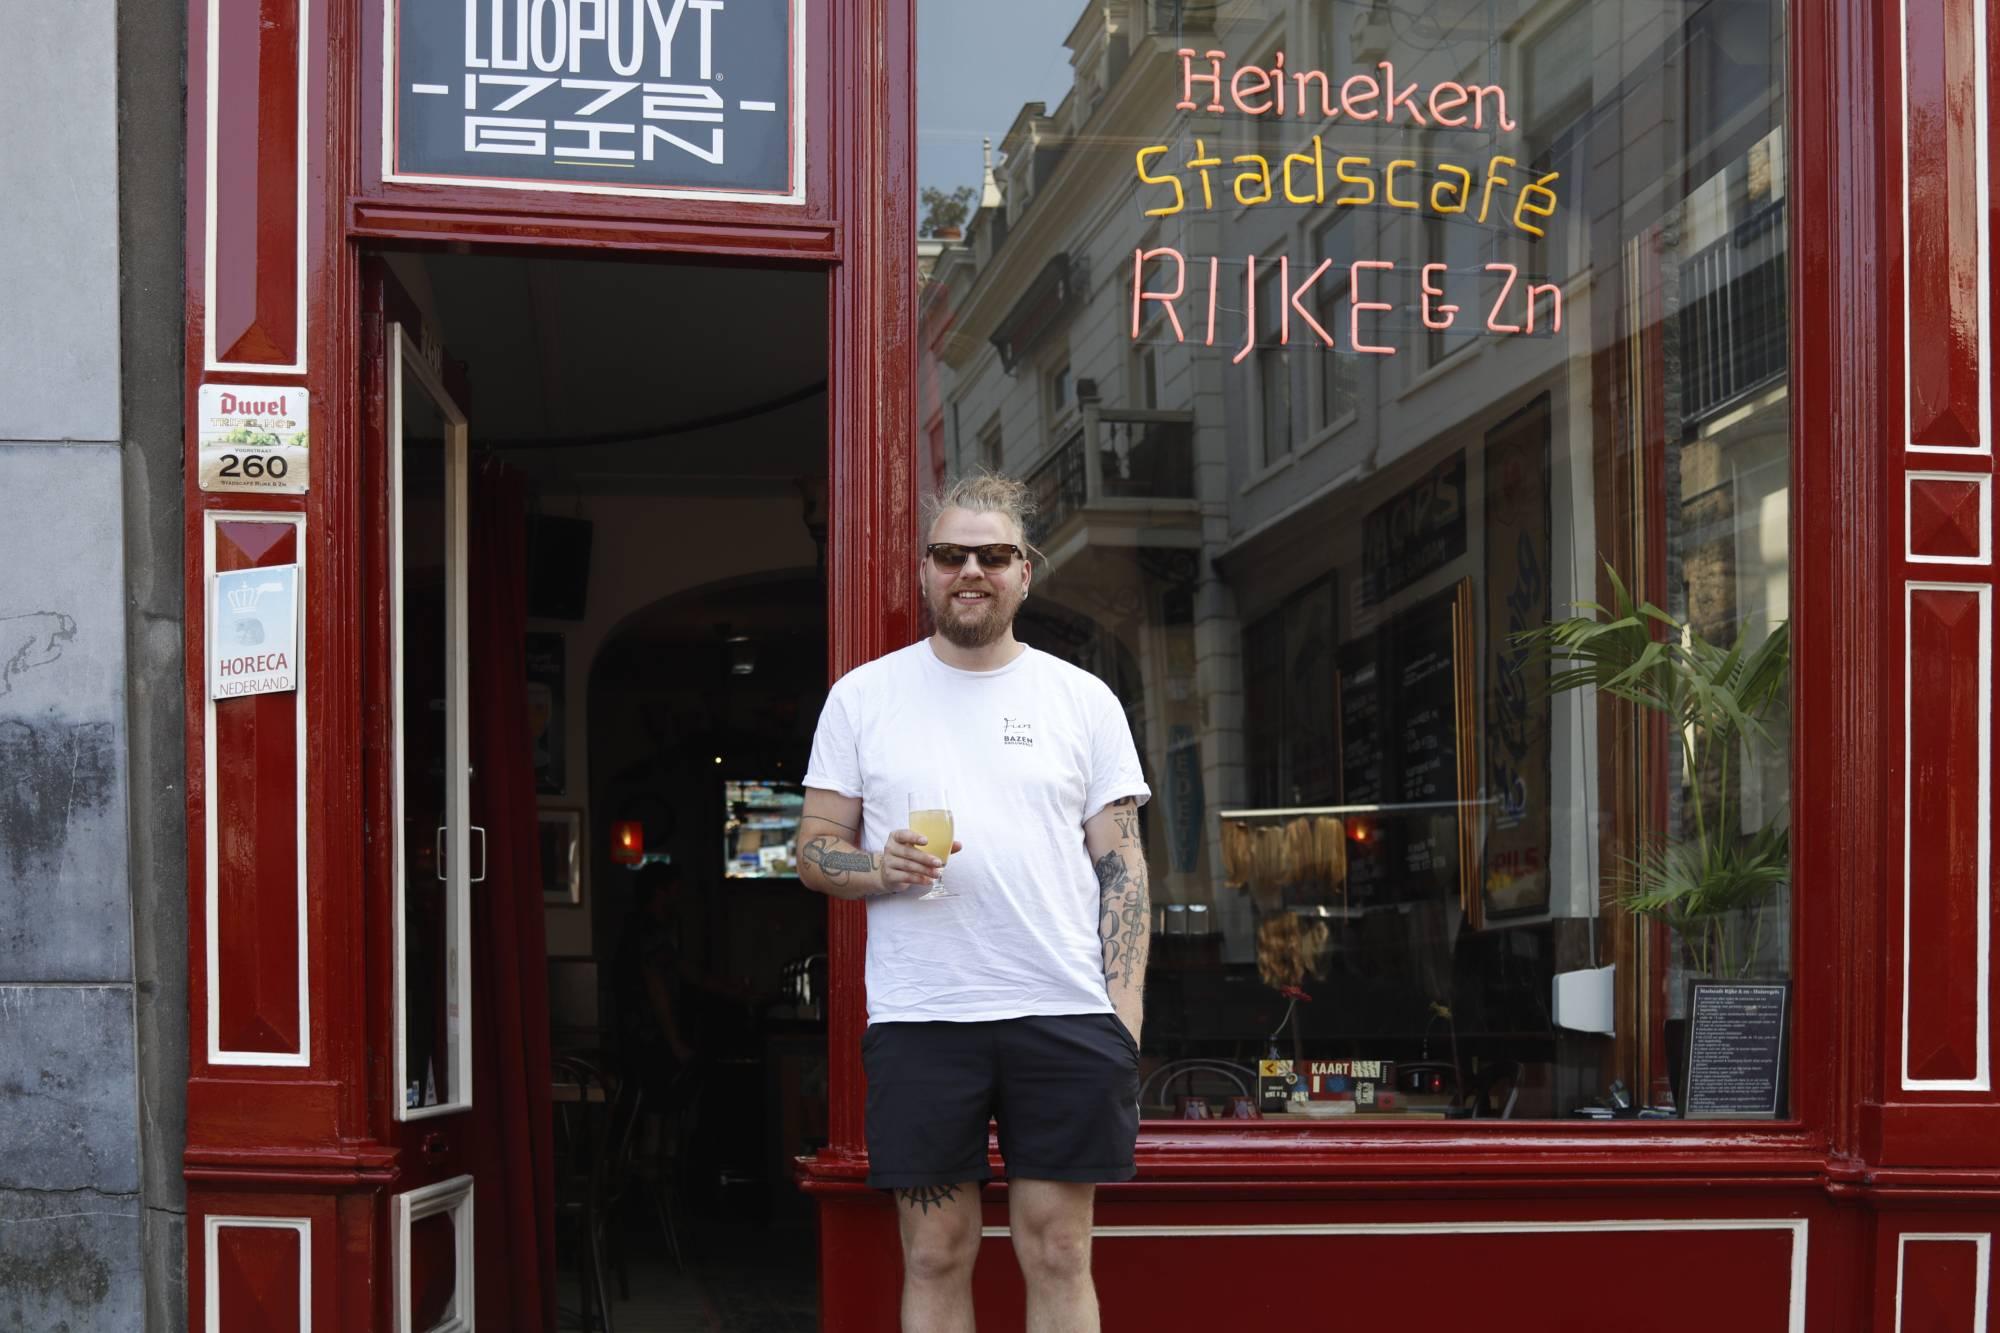 John de Kort Stadscafé Rijke zn. Dordrecht Scheffersplein.jpg